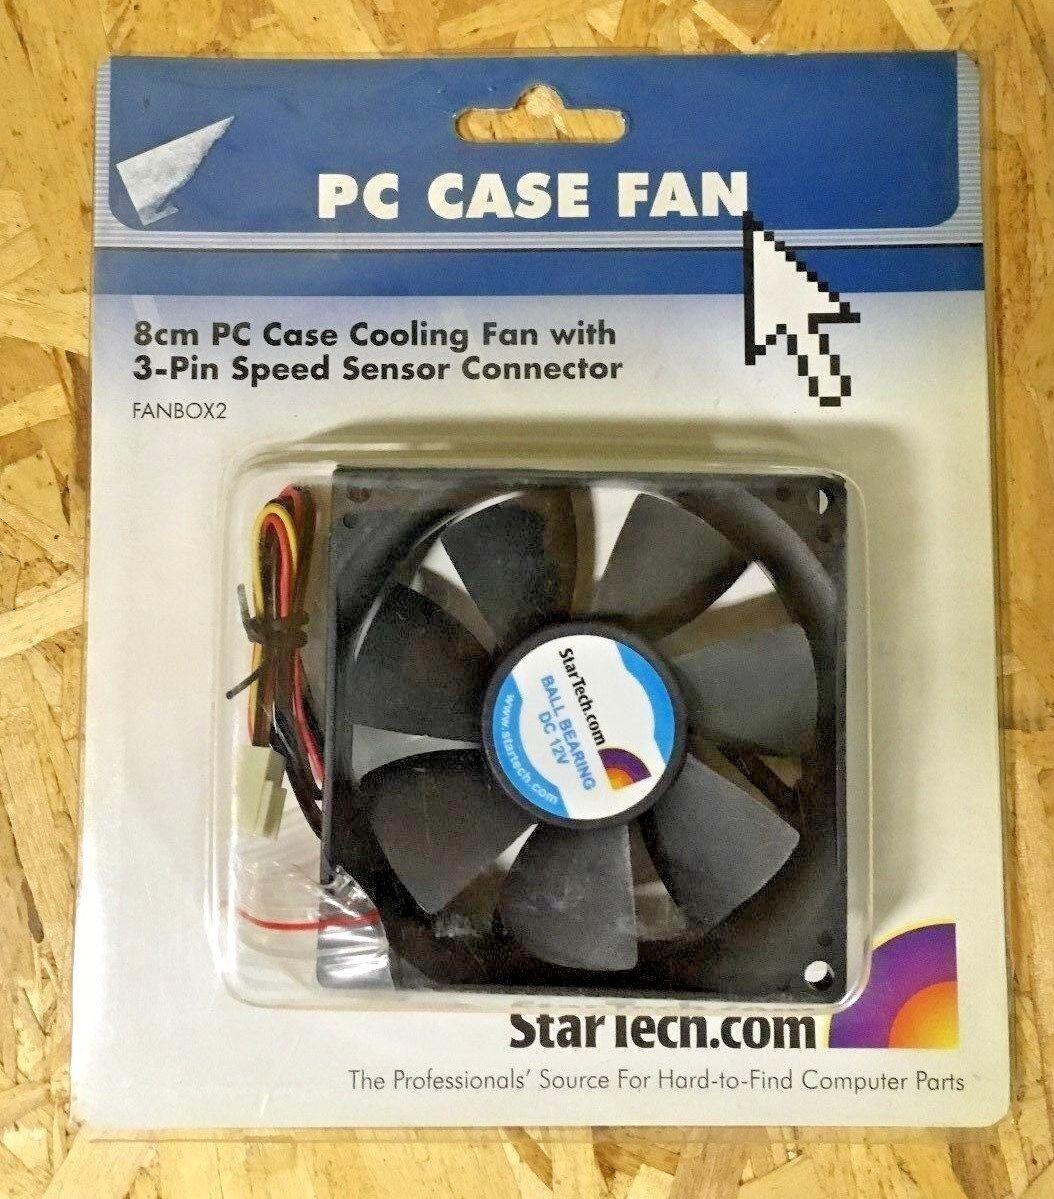 **BRAND NEW** Startech FanBox2 8cm PC Cooling fan w/ RPM Sensor 3-Lead Connector